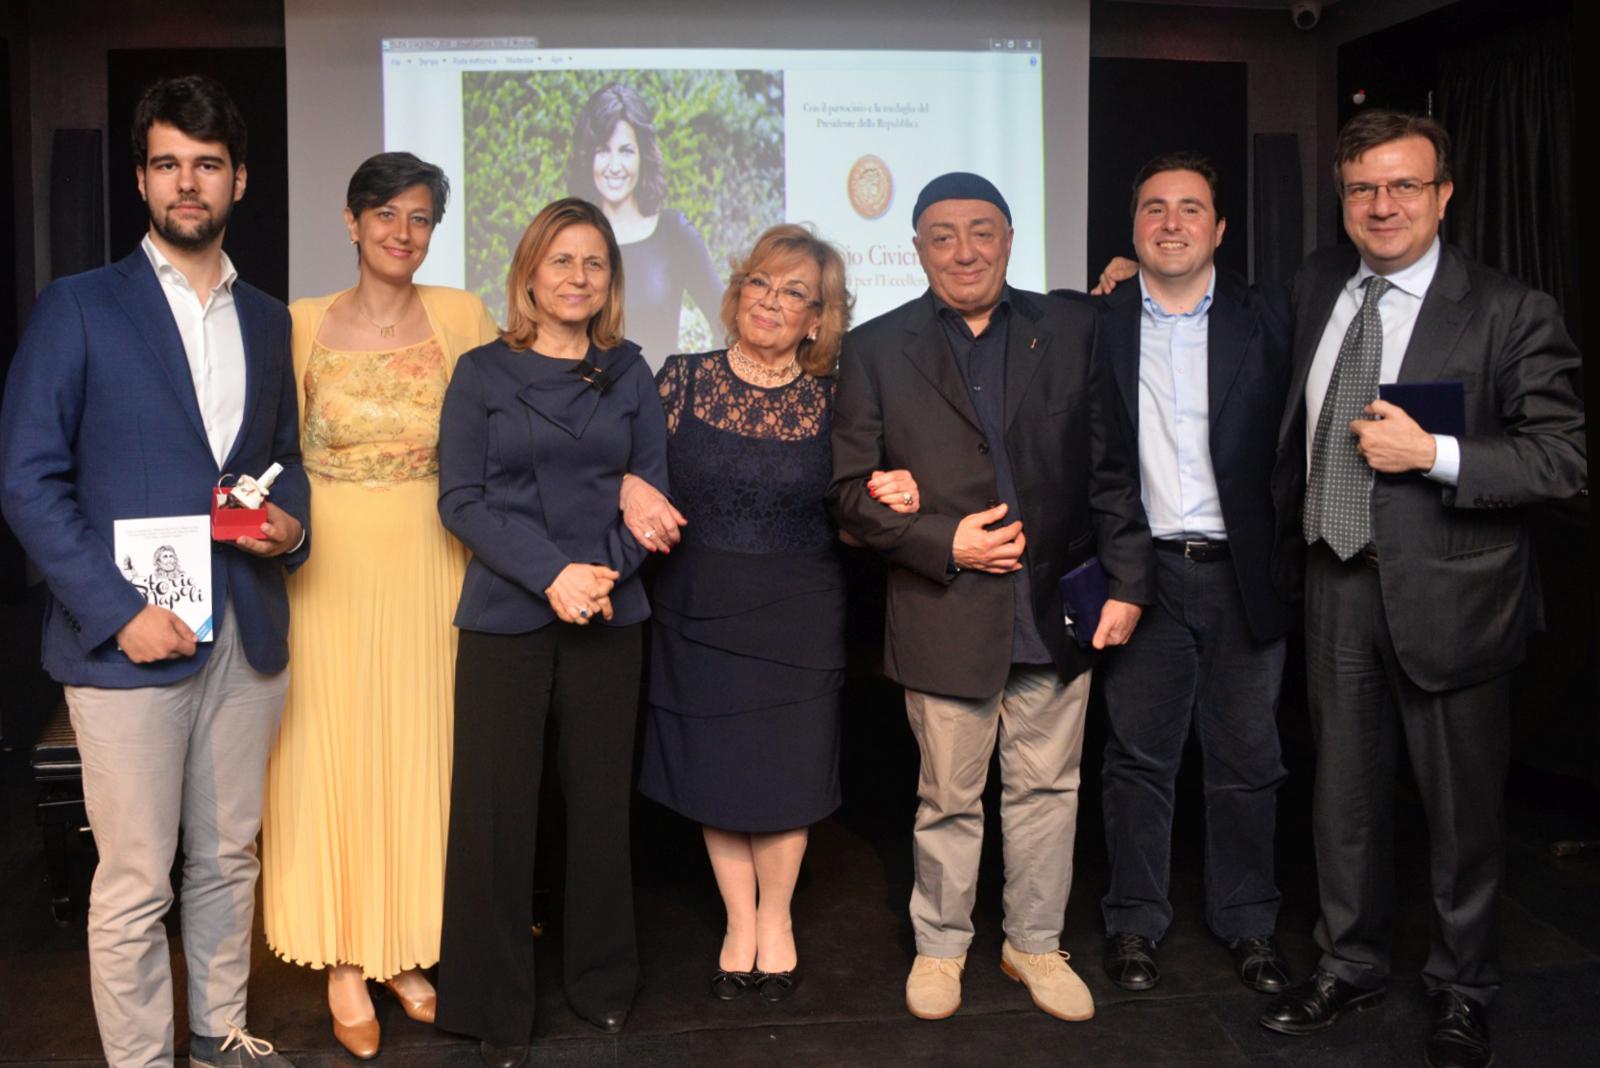 Napoli per l'eccellenza 2016 – Civicrazia, ecco tutti i premiati